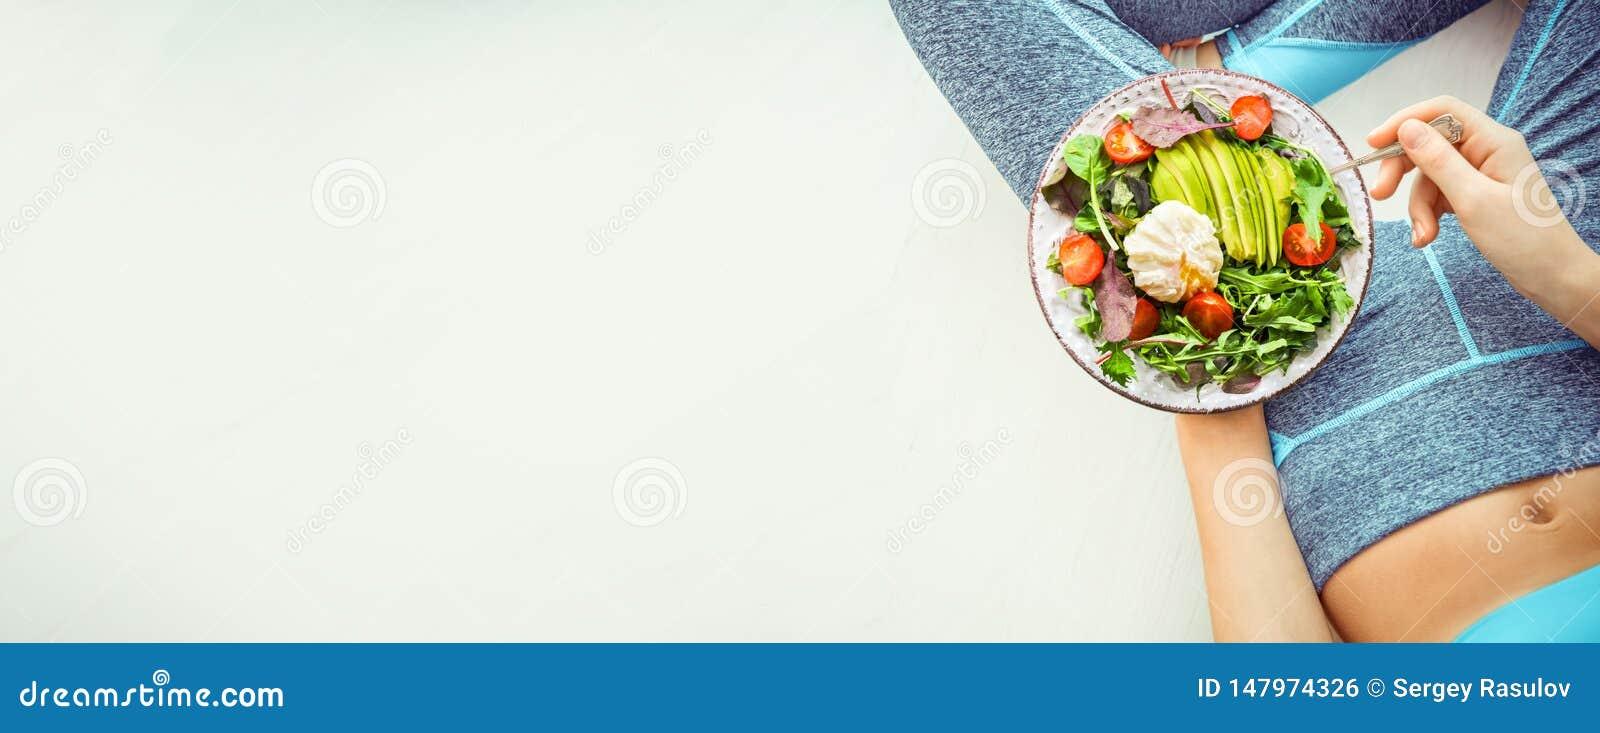 De jonge vrouw rust en eet een gezond voedsel na een training